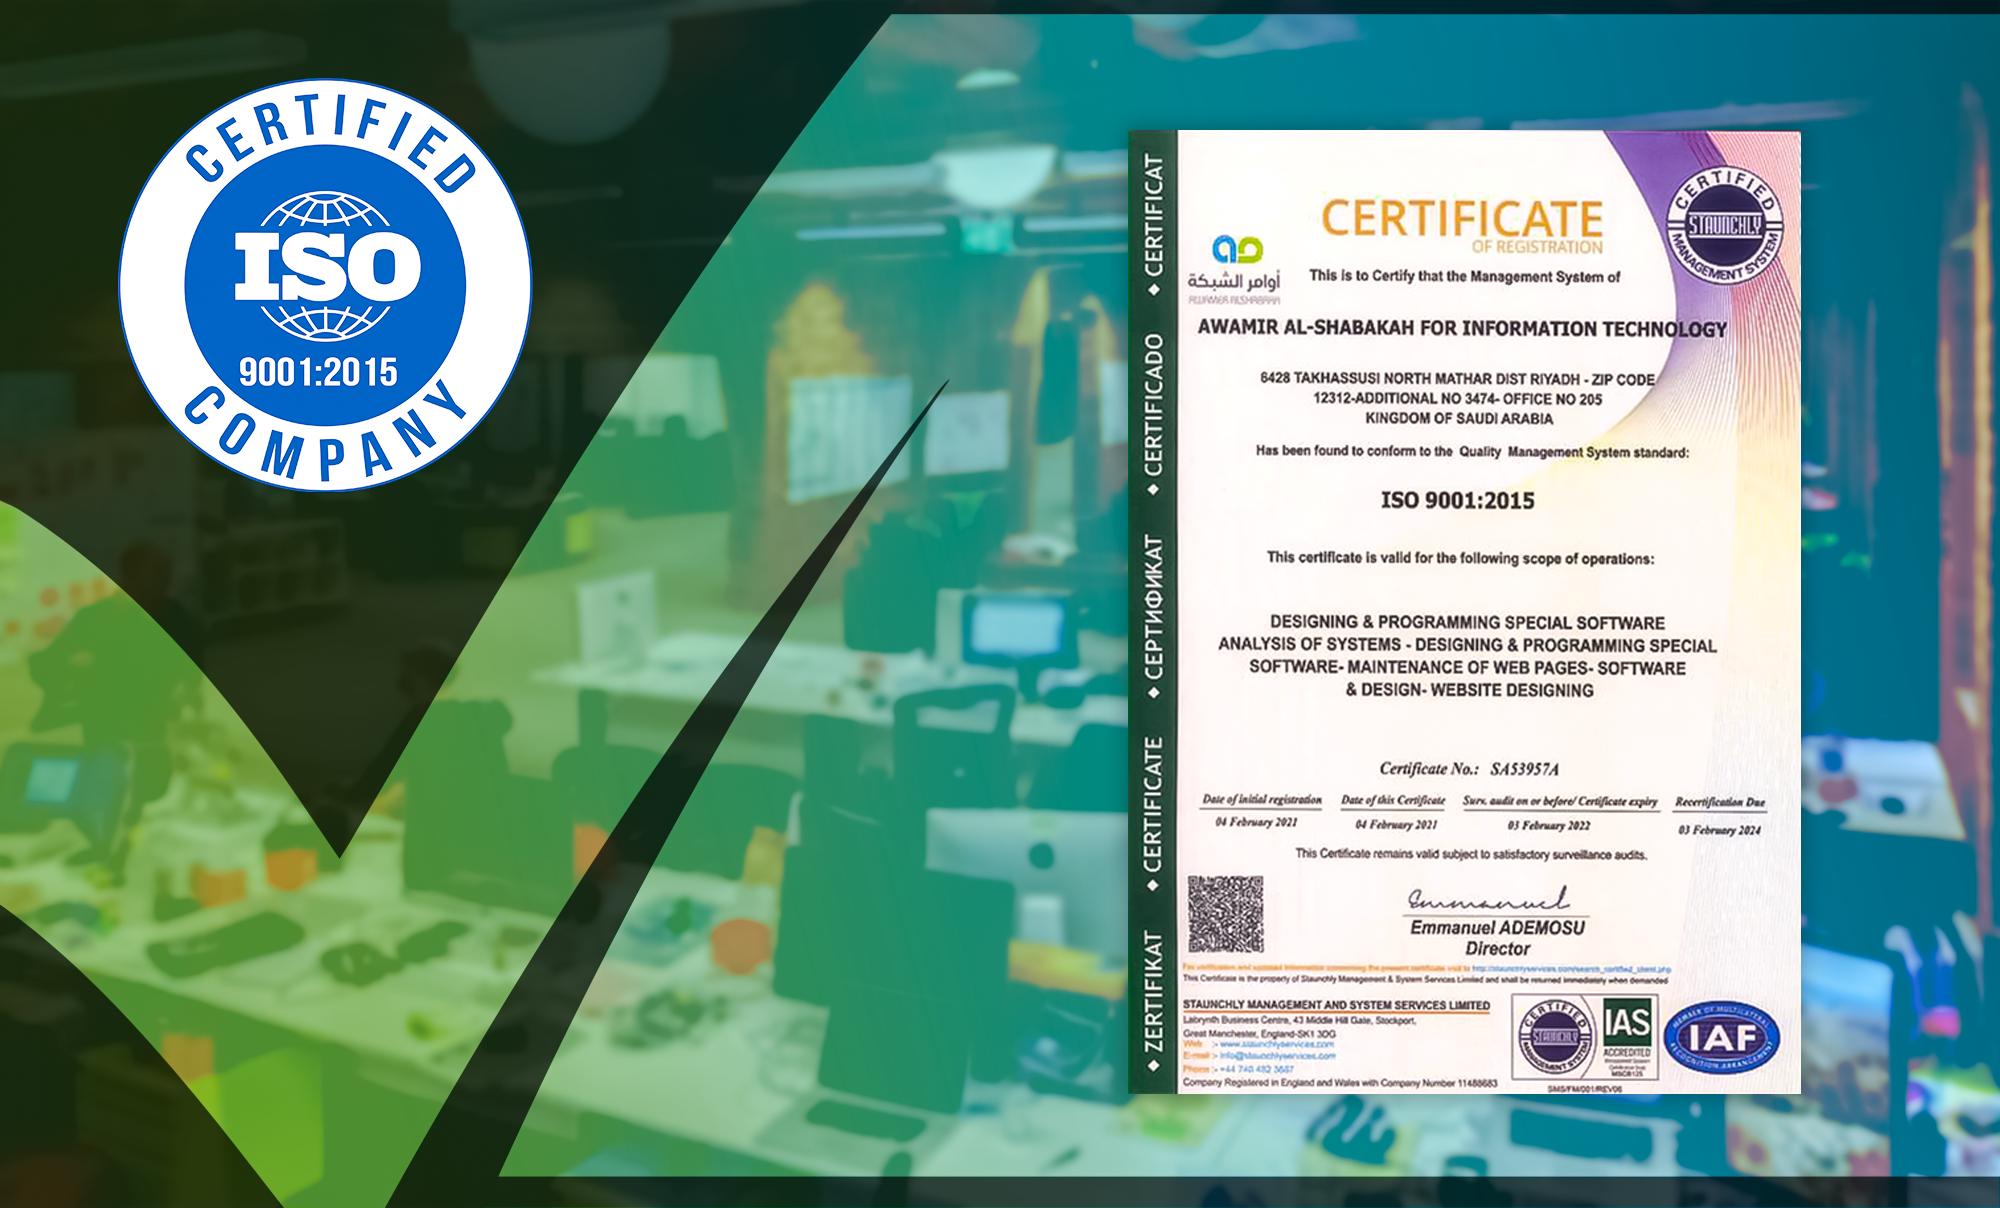 شهادة الأيزو 9001 لمؤسسة أوامر الشبكة